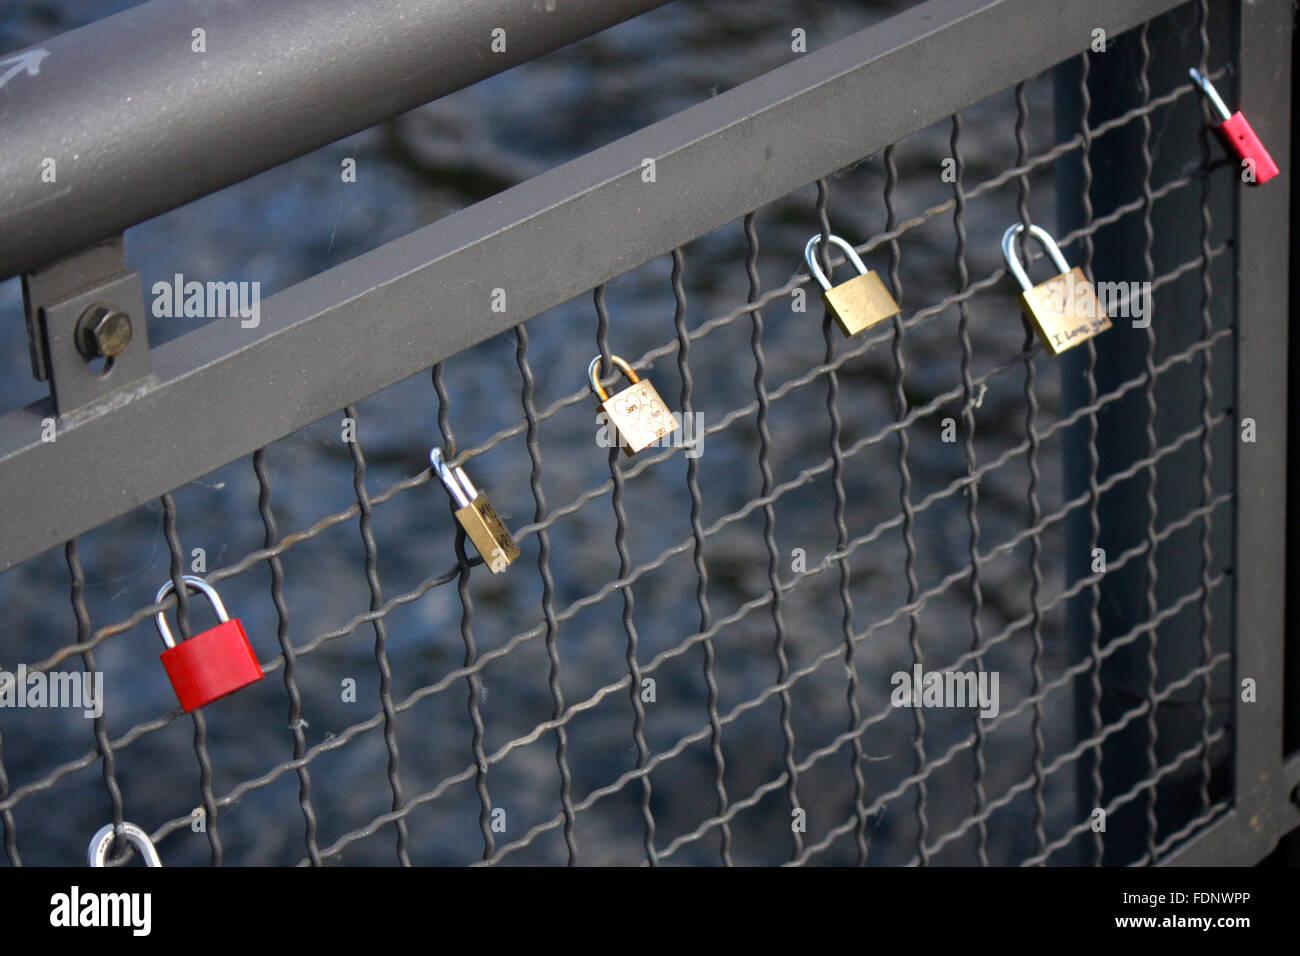 Schloesser mit Liebesbekundungen an einer Bruecke, Berlin. - Stock Image